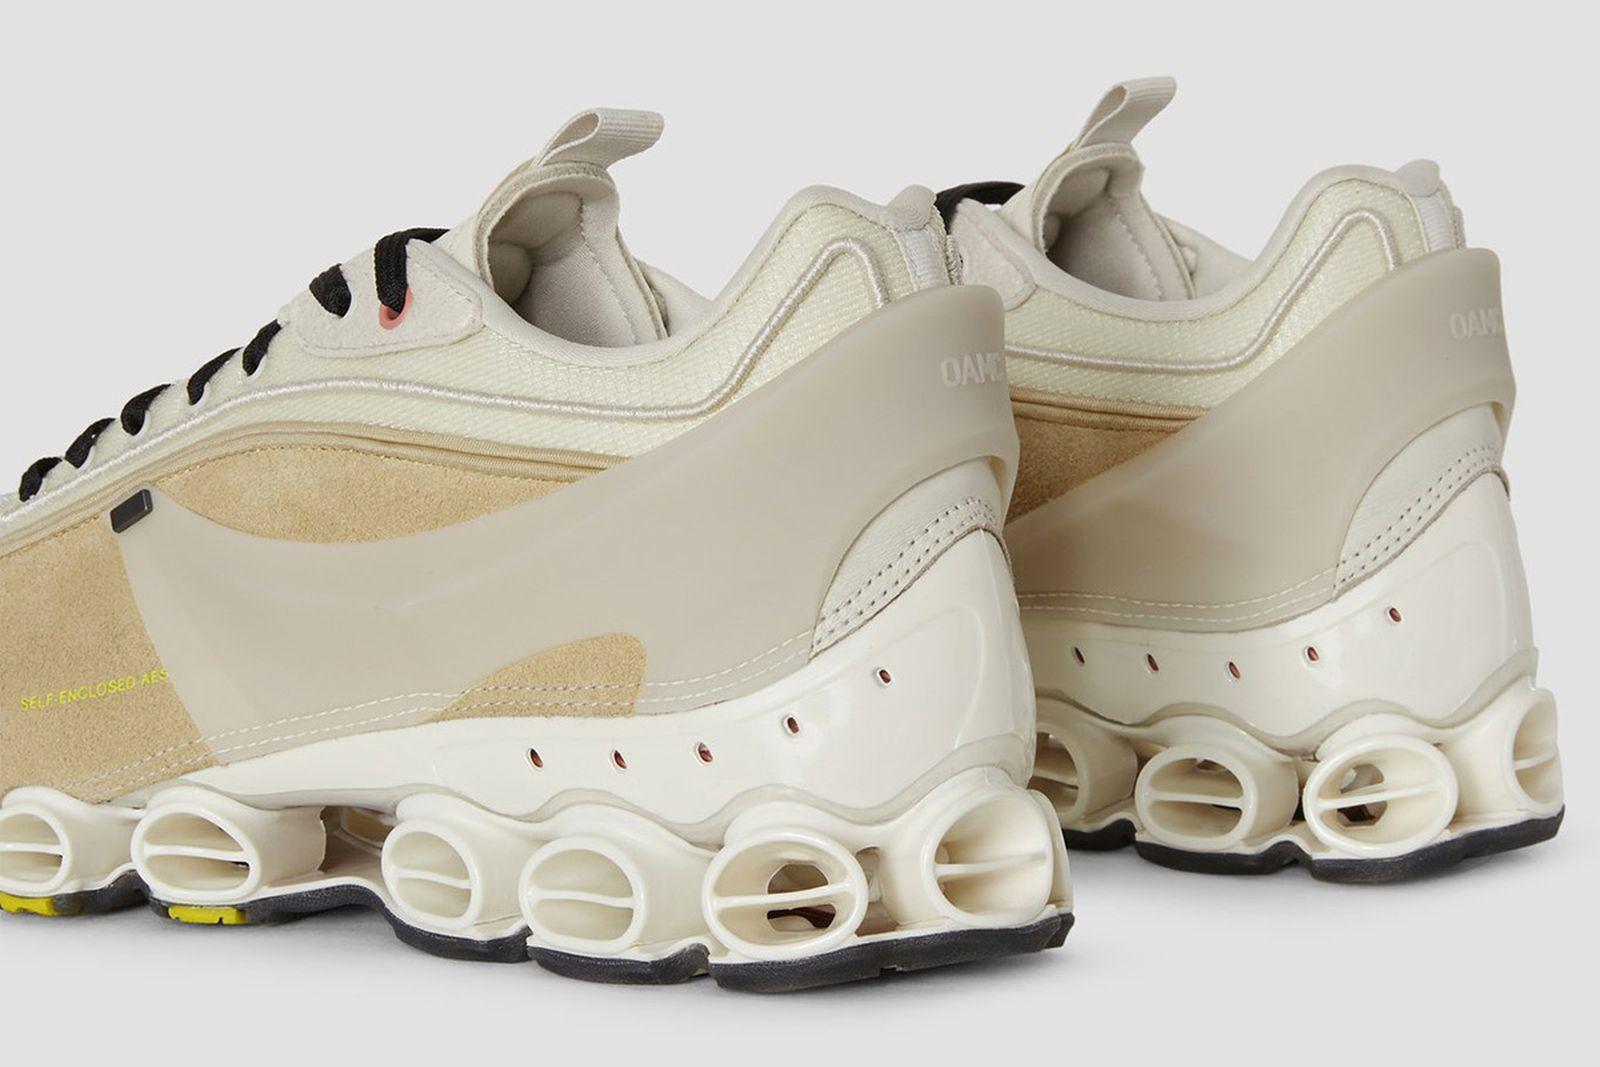 oamc-adidas-originals-type-09-release-date-price-05